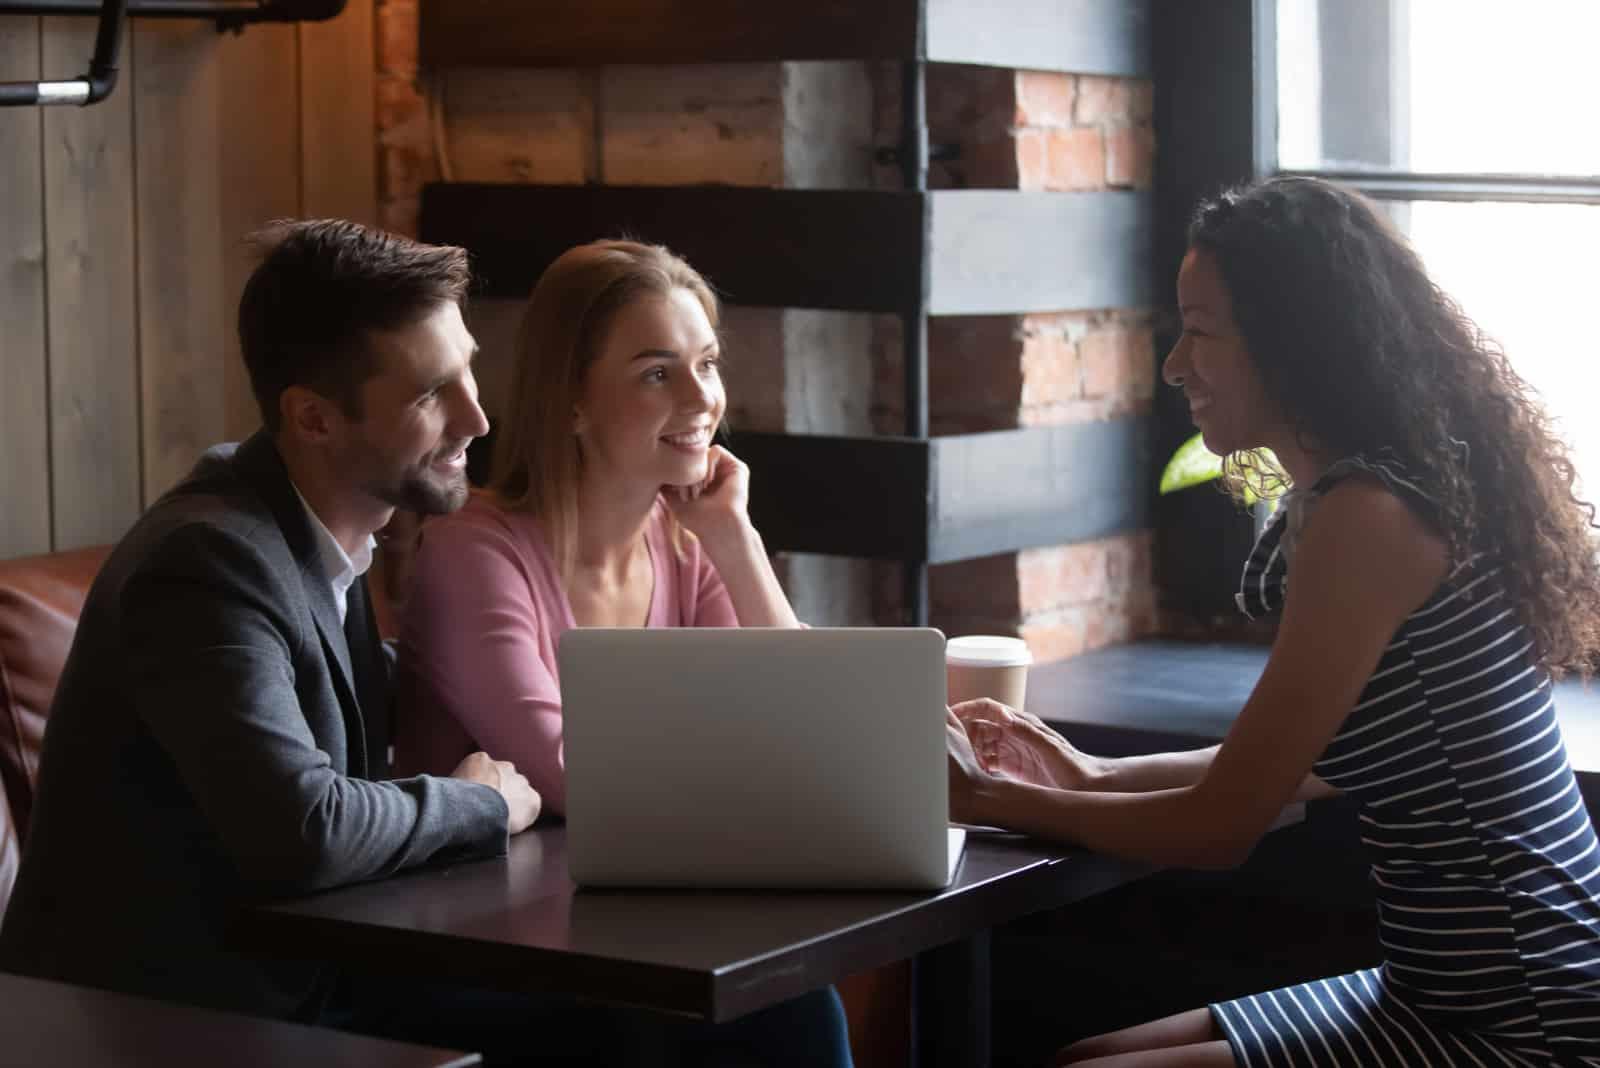 ein liebendes Paar, das mit einer Frau in einem Café spricht